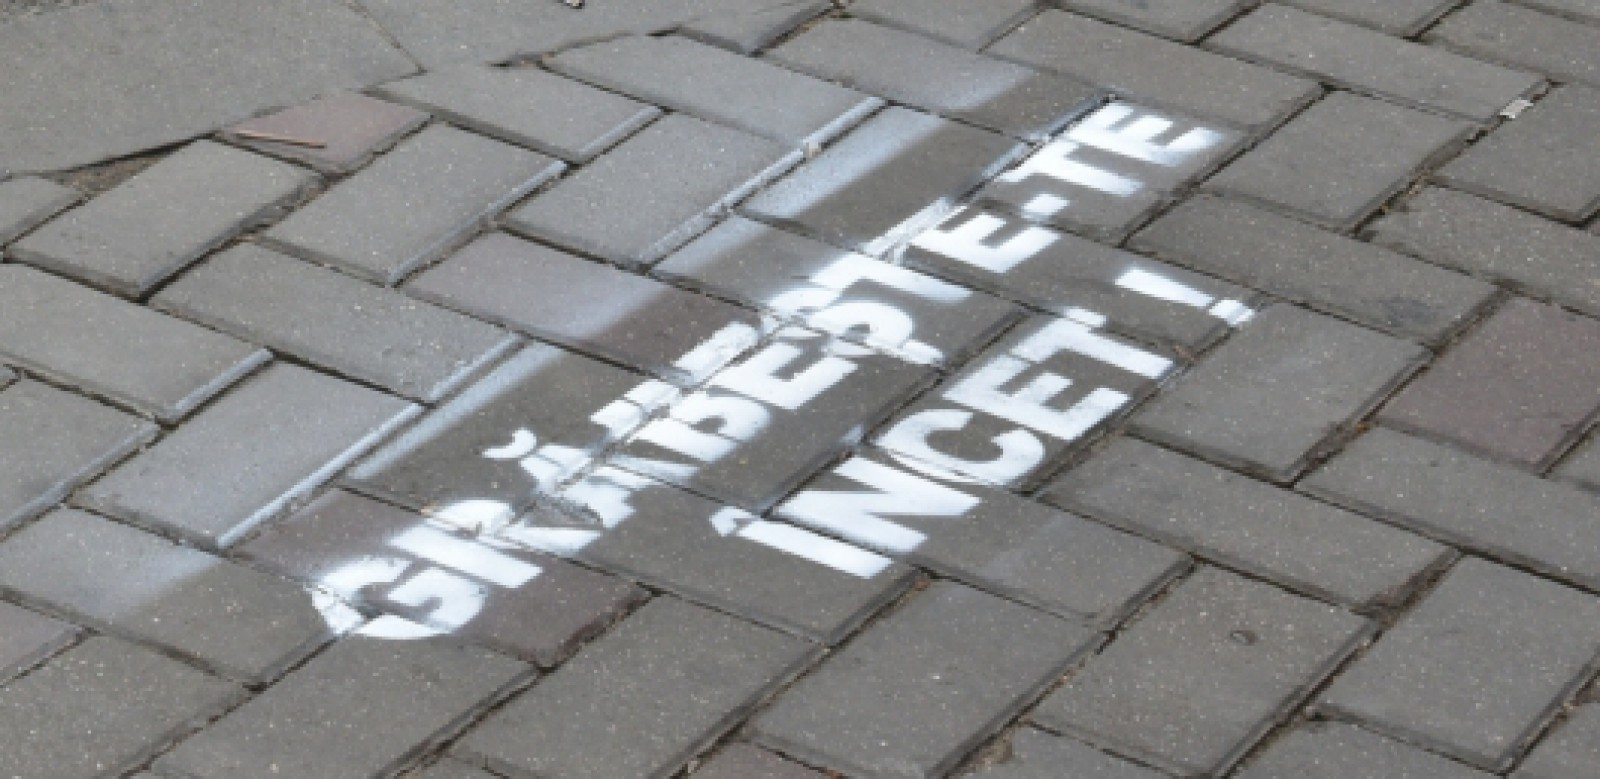 (video) Când vei traversa strada, vei observa aceste mesaje. O nouă campanie de prevenire a accidentelor rutiere, în care sunt implicați pietonii, organizată de IGP